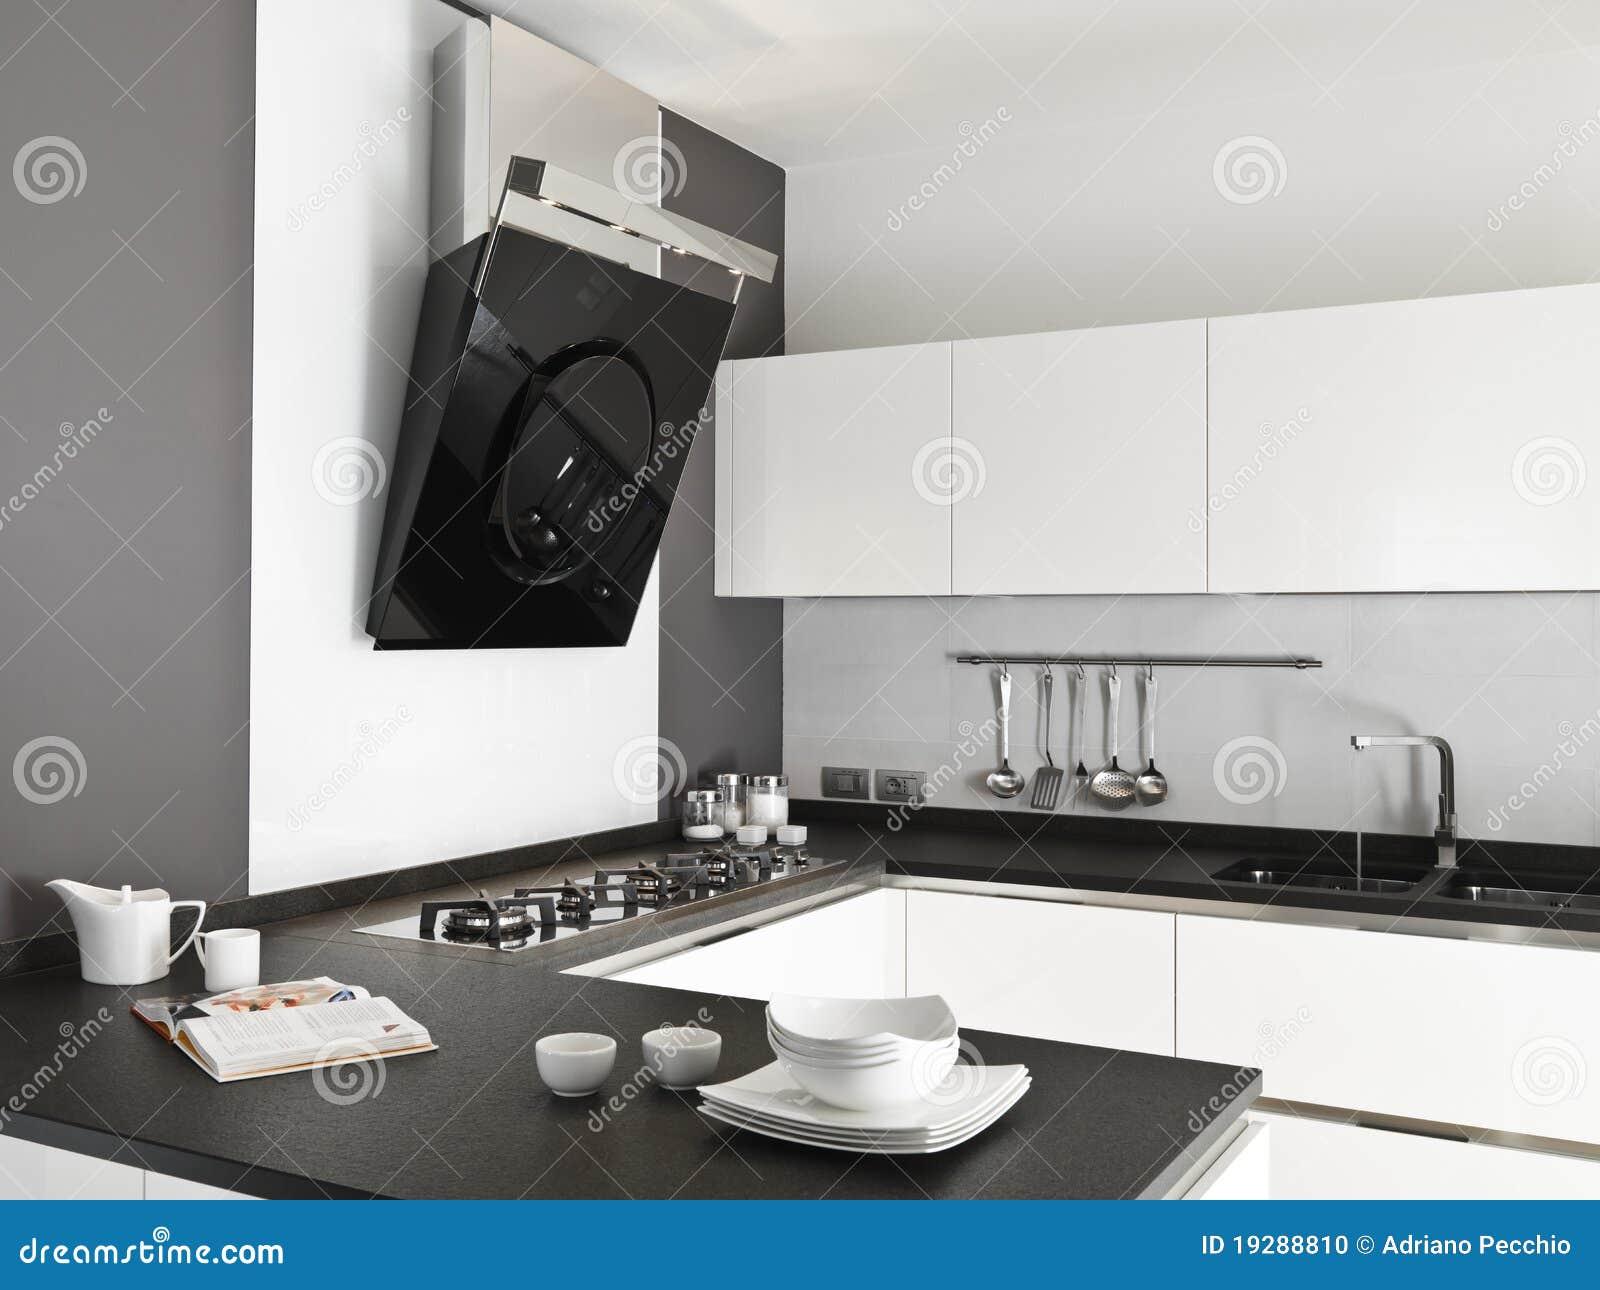 Cocina blanca moderna foto de archivo imagen 19288810 - Cocina blanca moderna ...